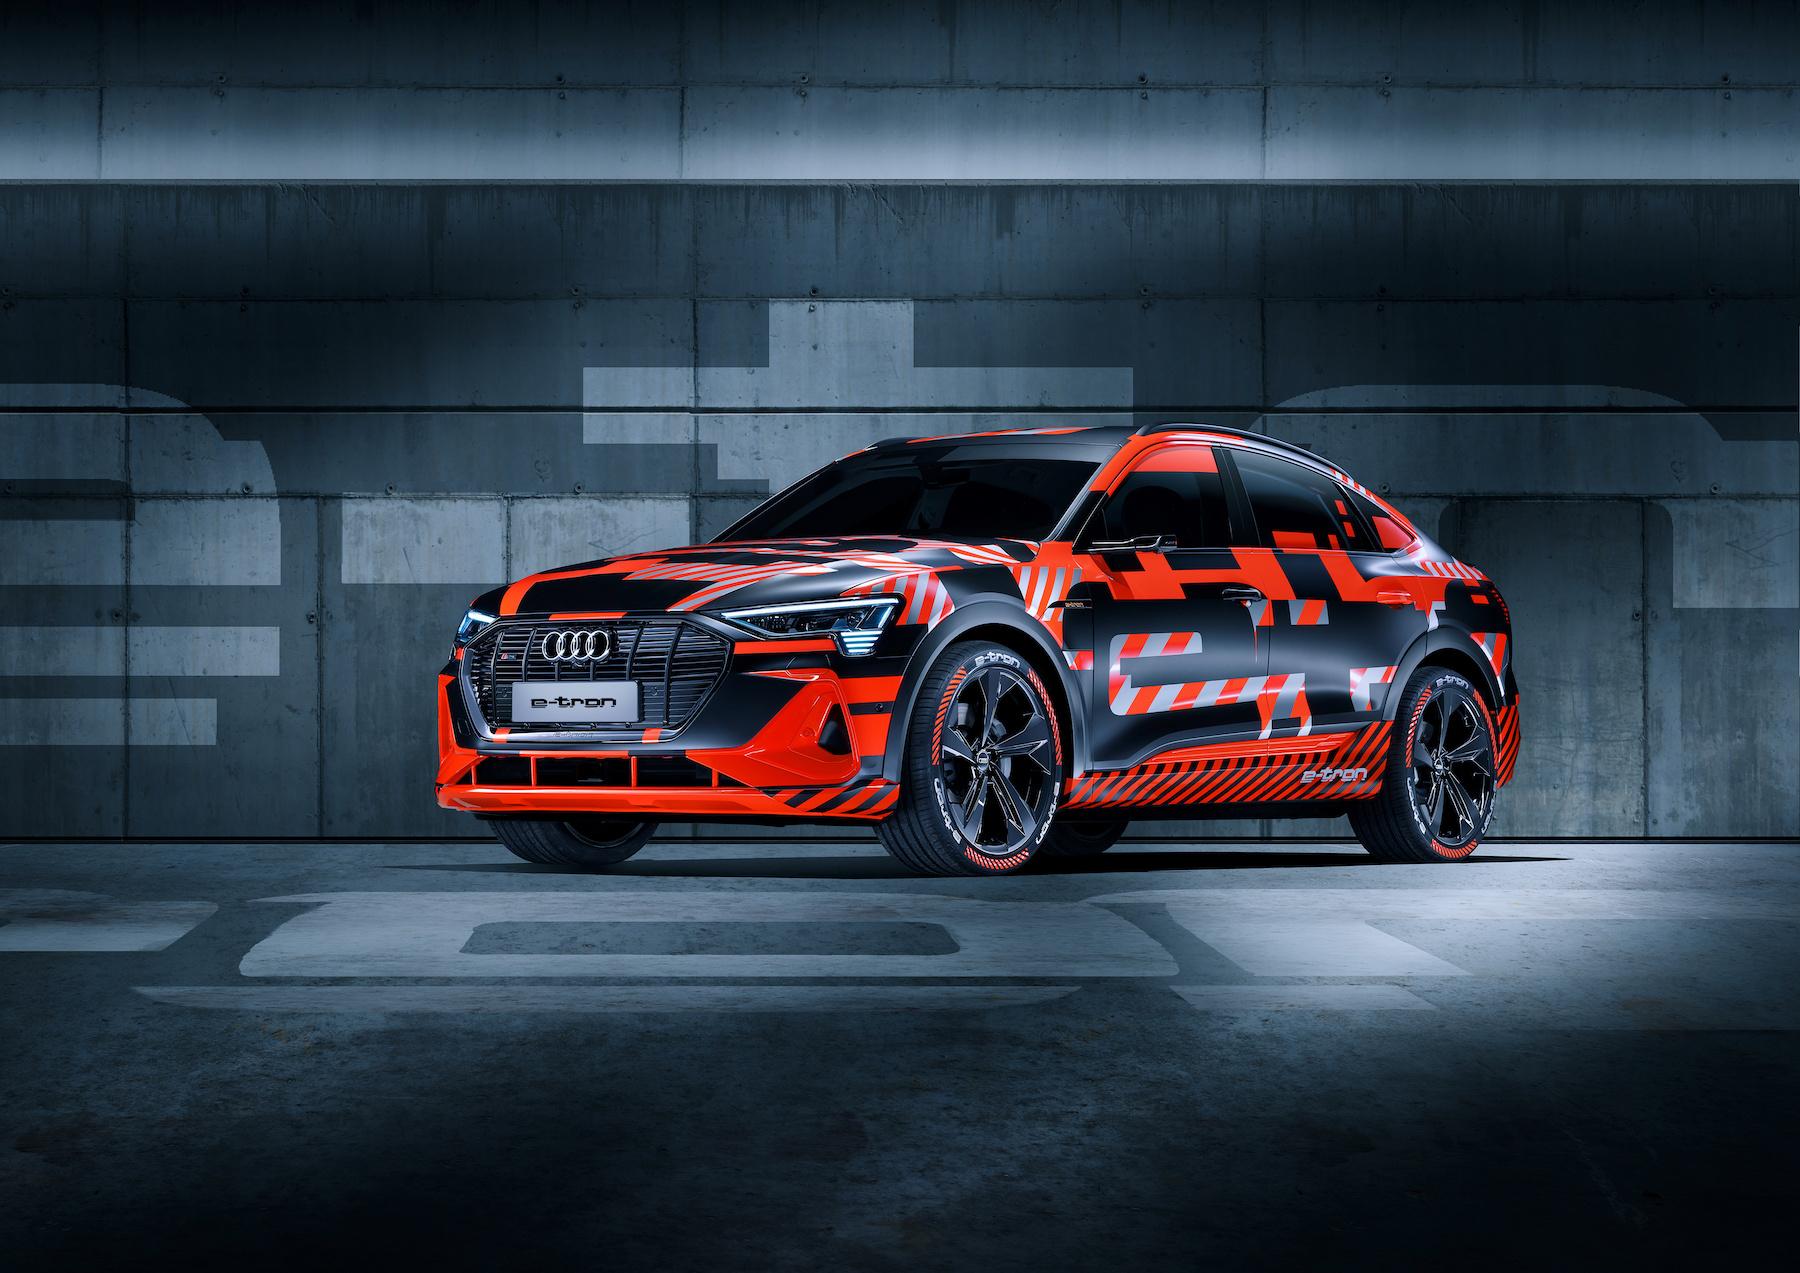 La variante coupé e-tron Sportback présentée par Audi à Genève encore avec son look prototype. (AUDI)